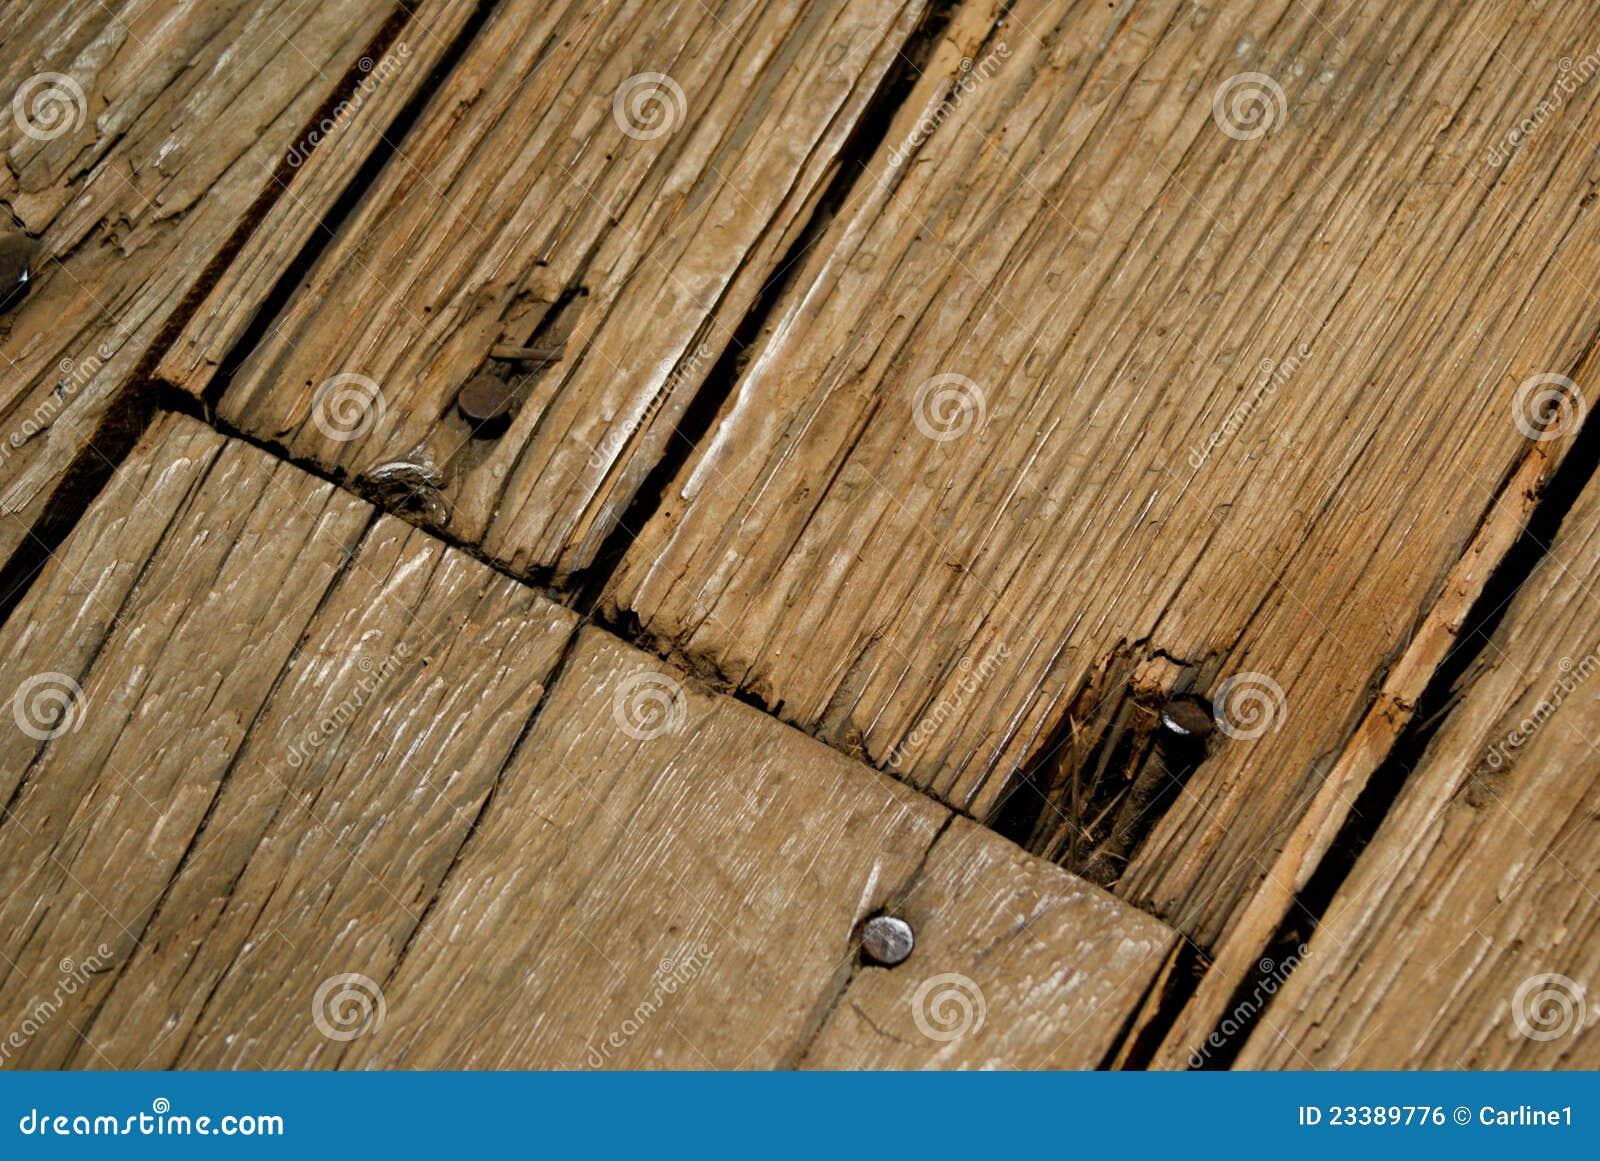 Oude Houten Vloeren : Oude houten vloer stock foto. afbeelding bestaande uit vlak 23389776